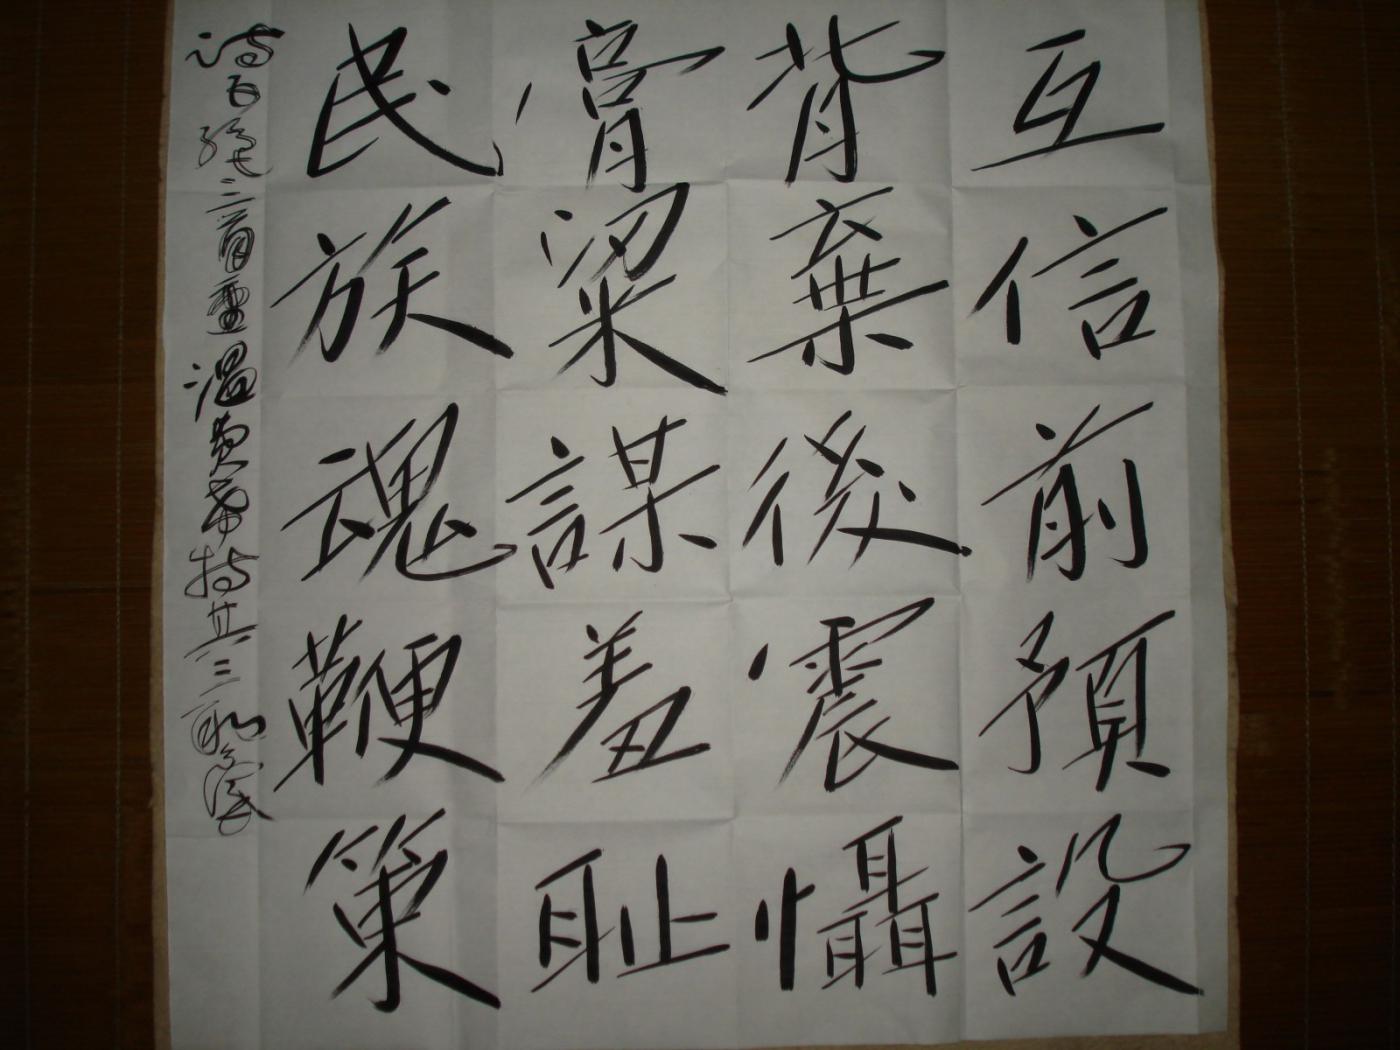 徐敏豪诗五绝3则真榜书2尺生宣斗方3幅(269)_图1-3